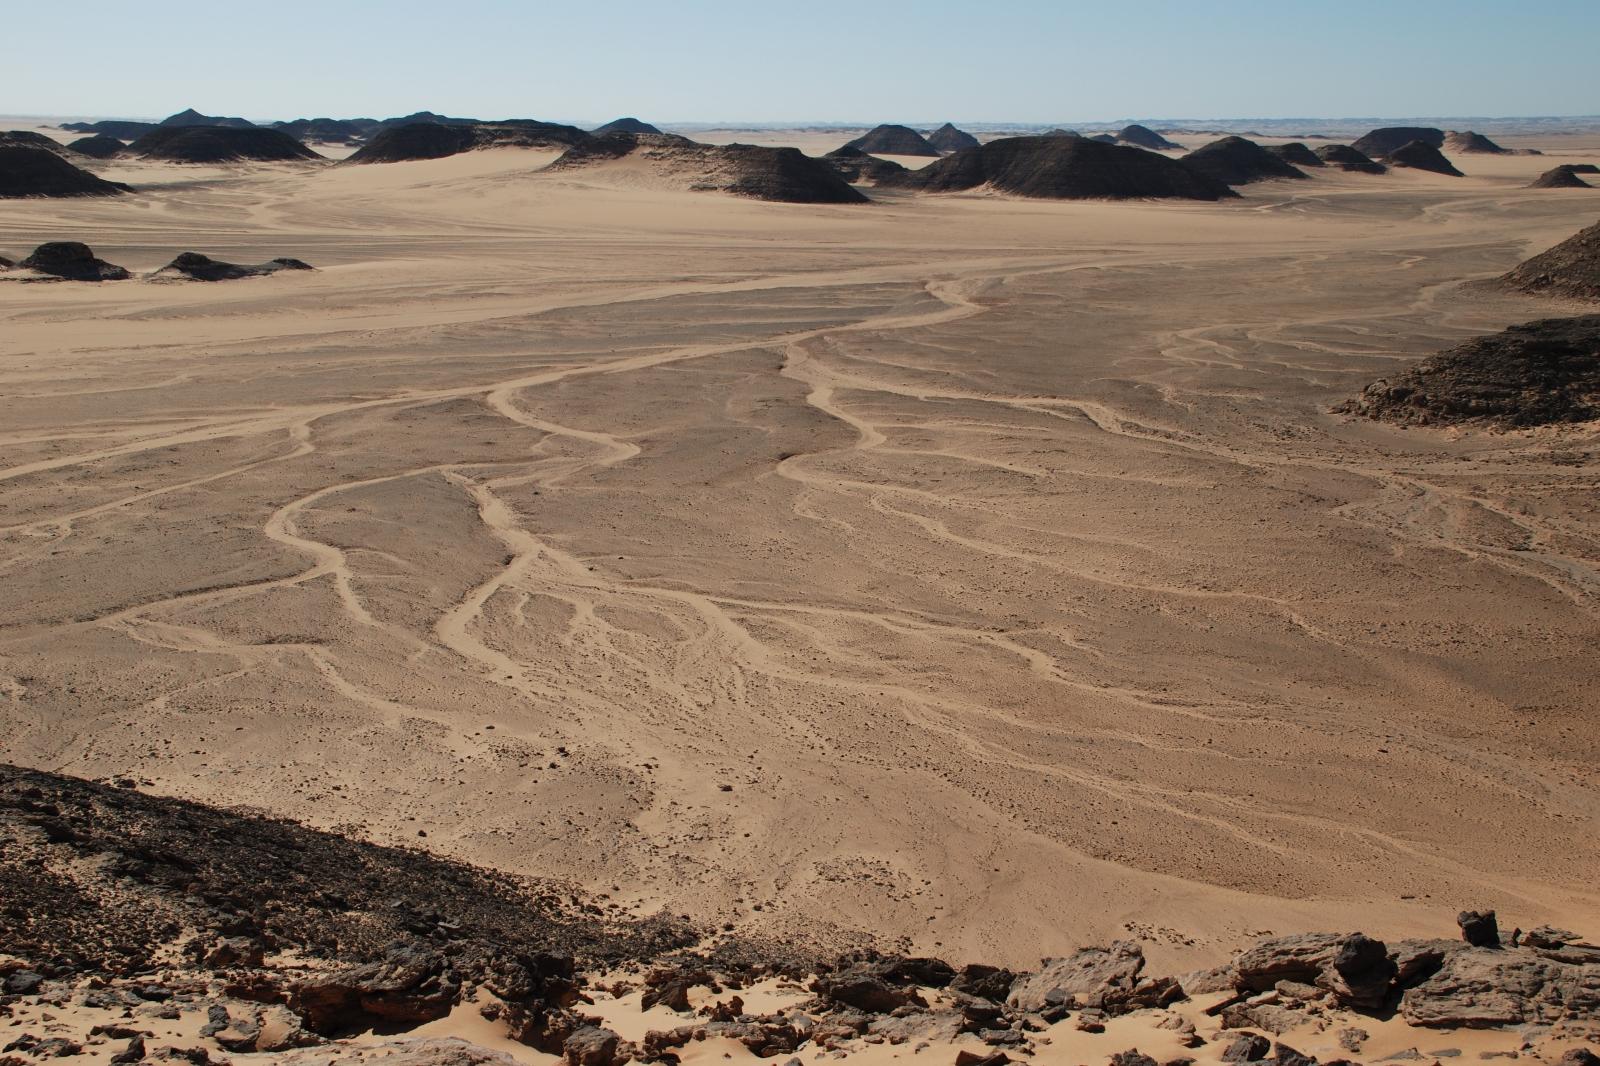 Núbijská poušť - Wádí Halfa (rok 2008)